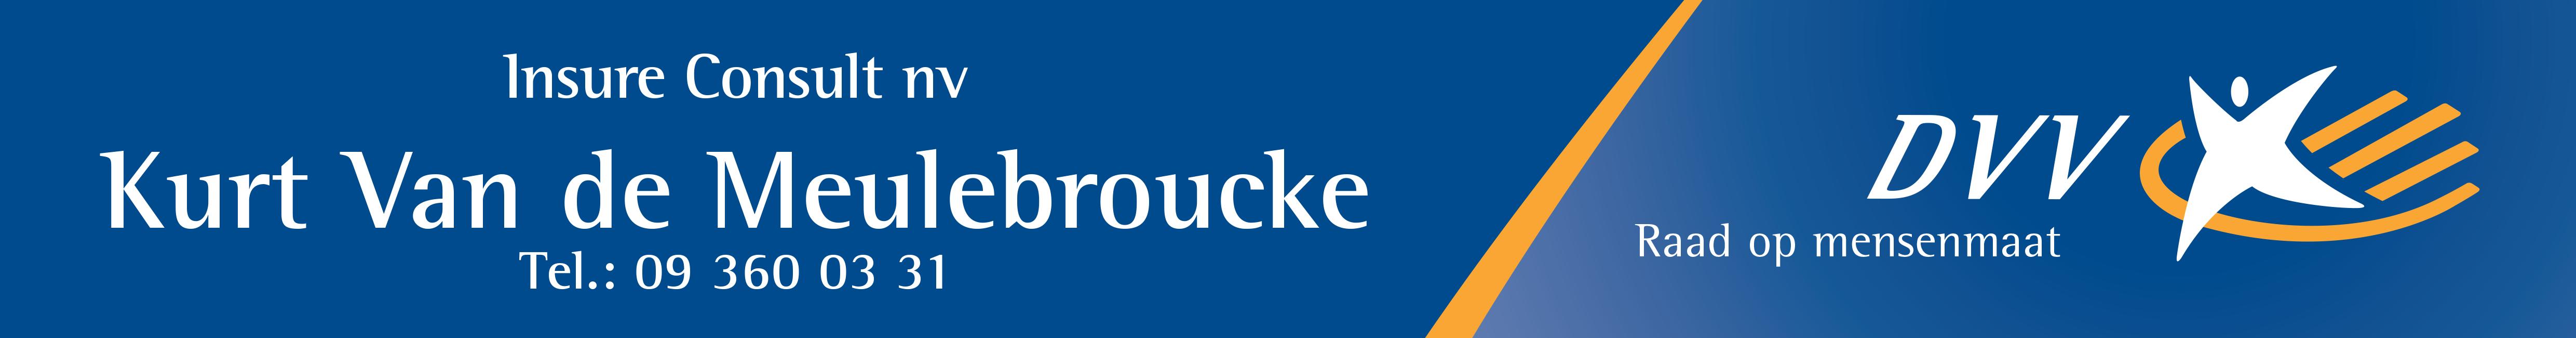 DVV-Banner_Meulebroucke